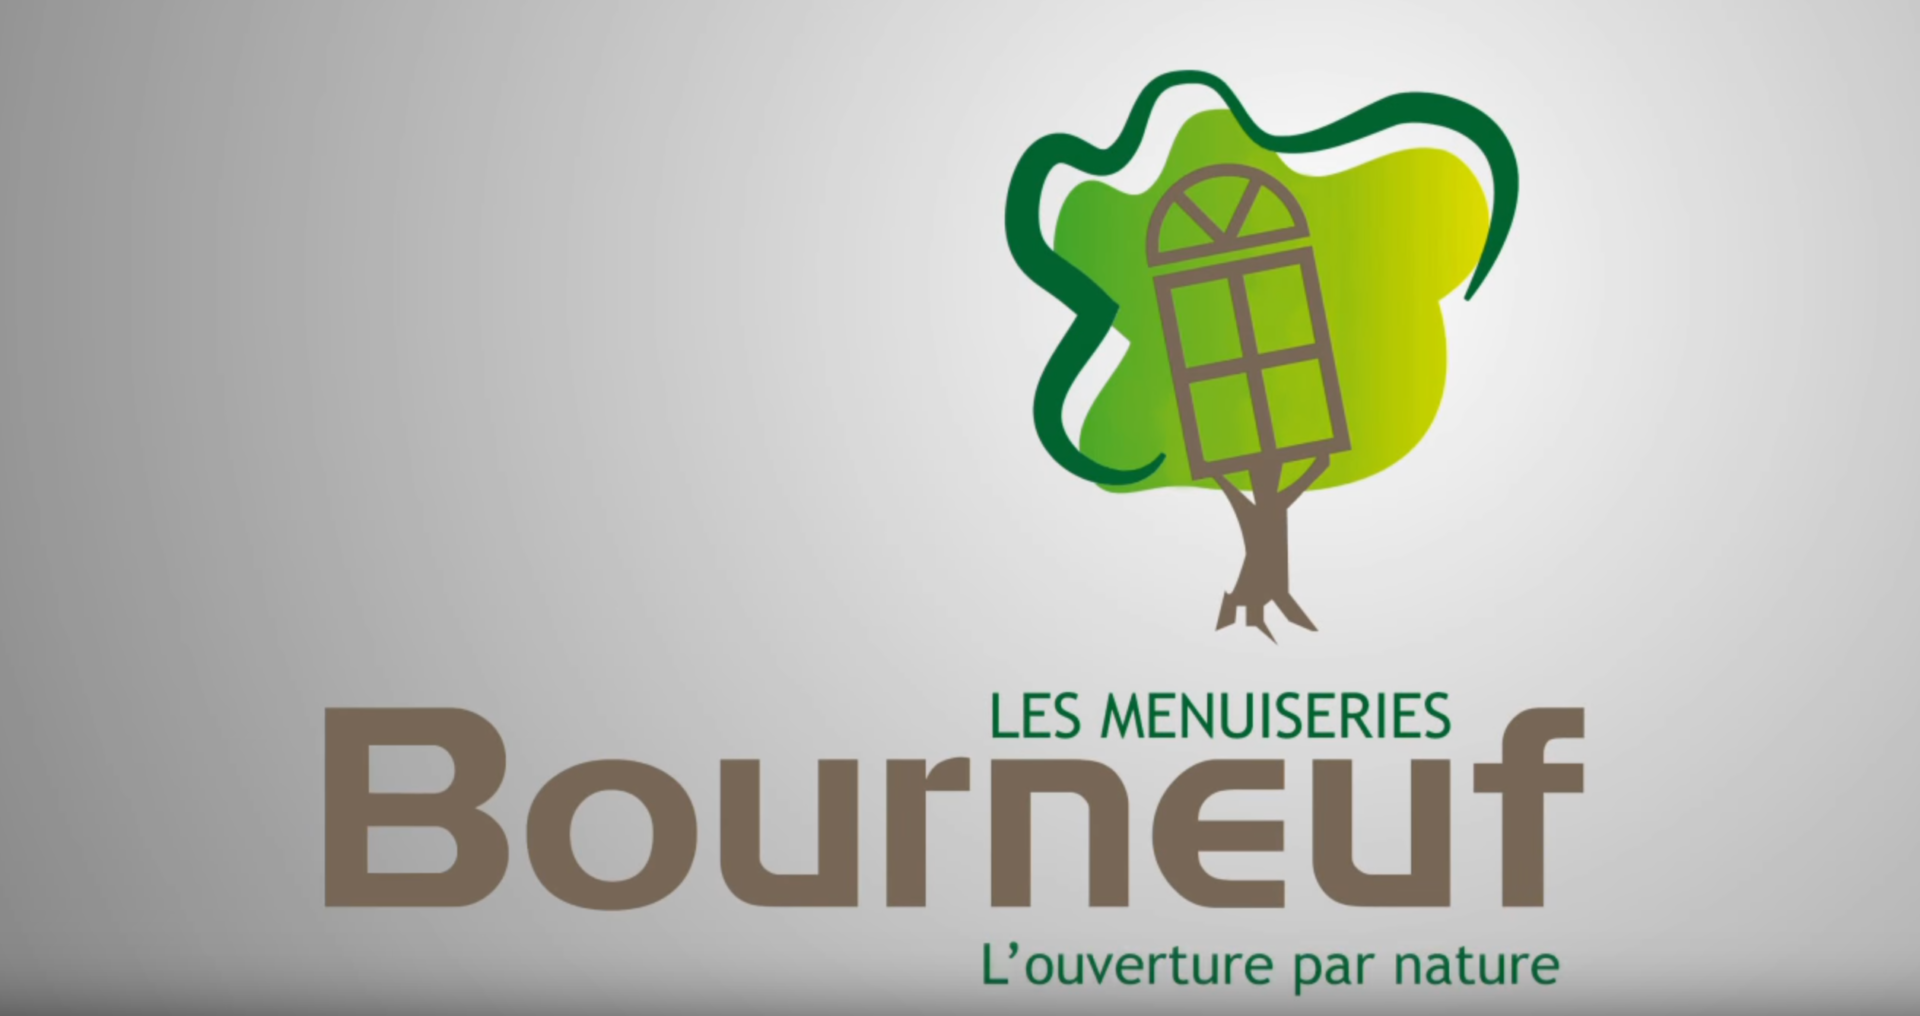 Menuiserie Bourneuf Parigne L Eveque les menuiseries bourneuf (groupe lorillard) obtiennent la